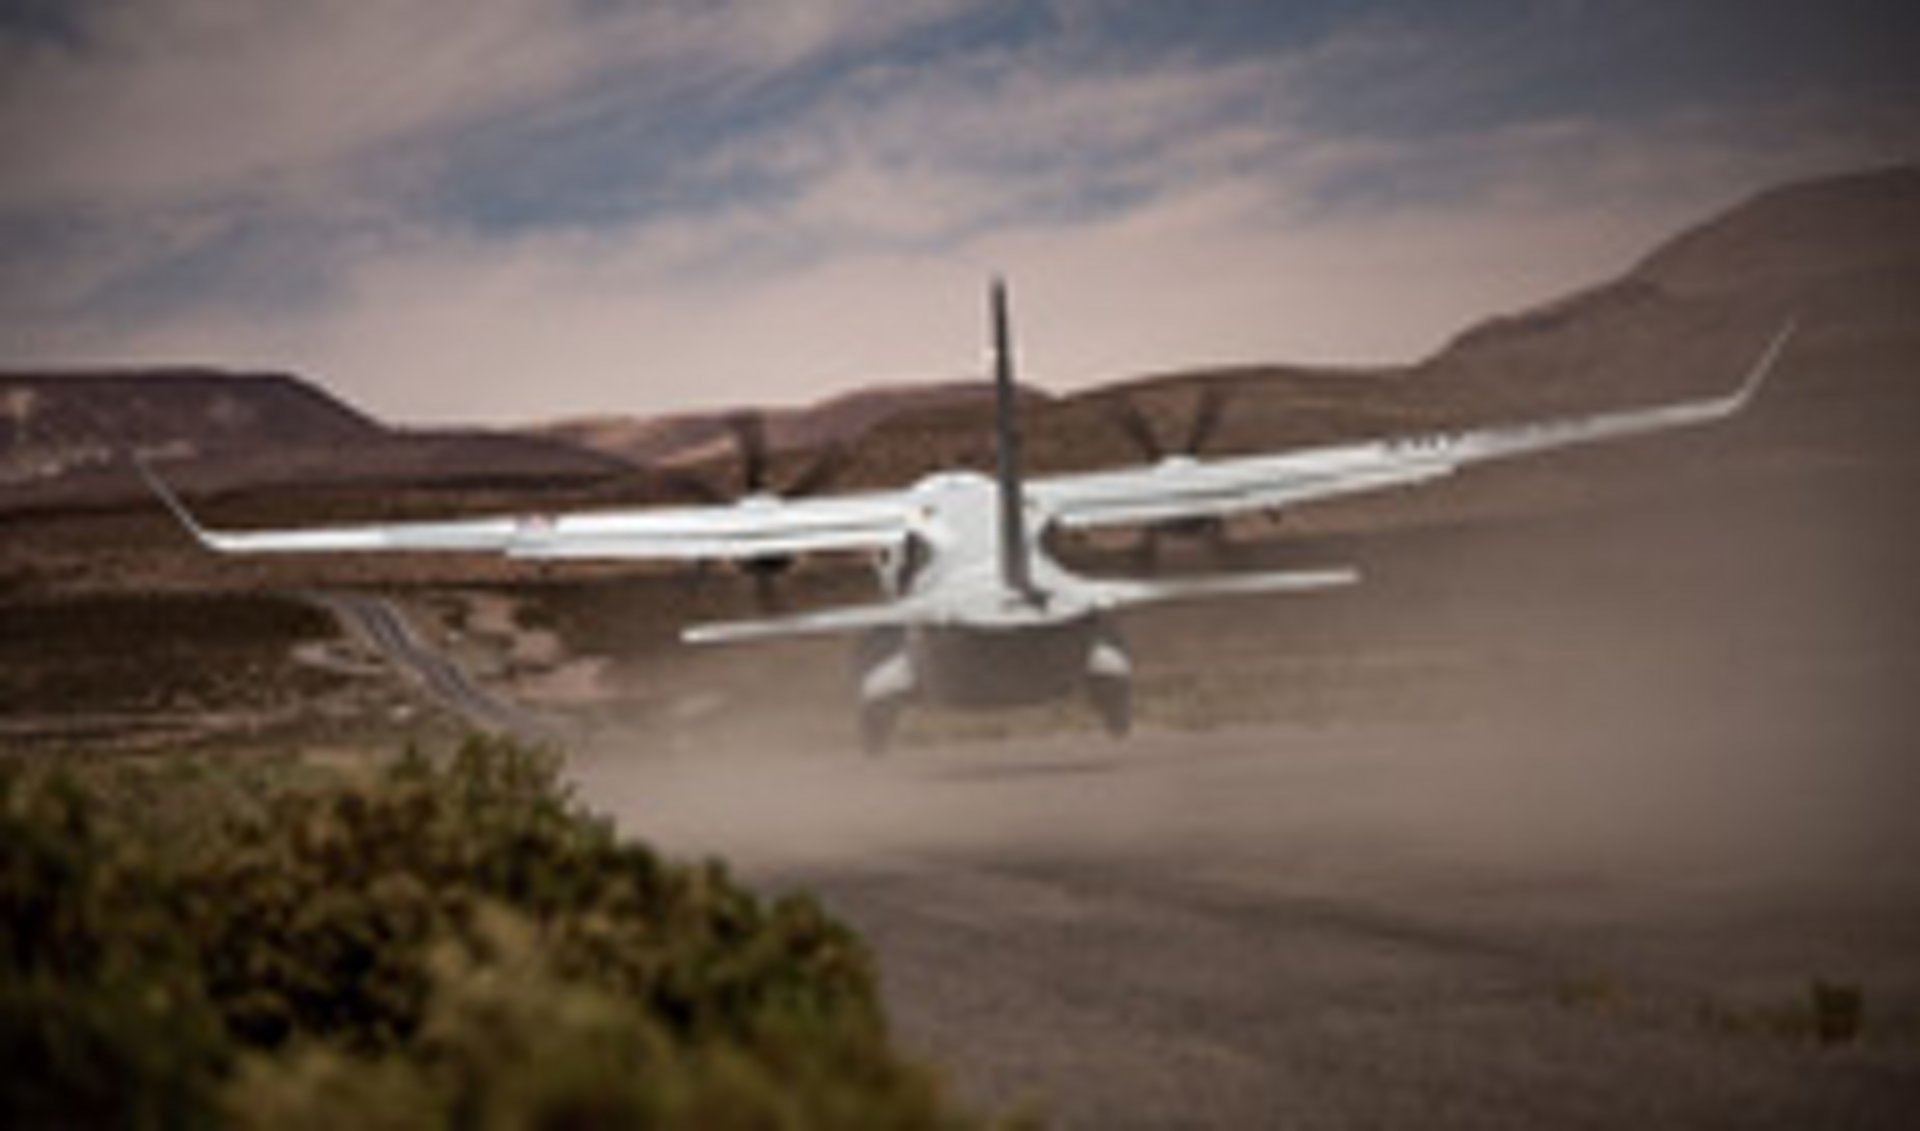 C295 landing